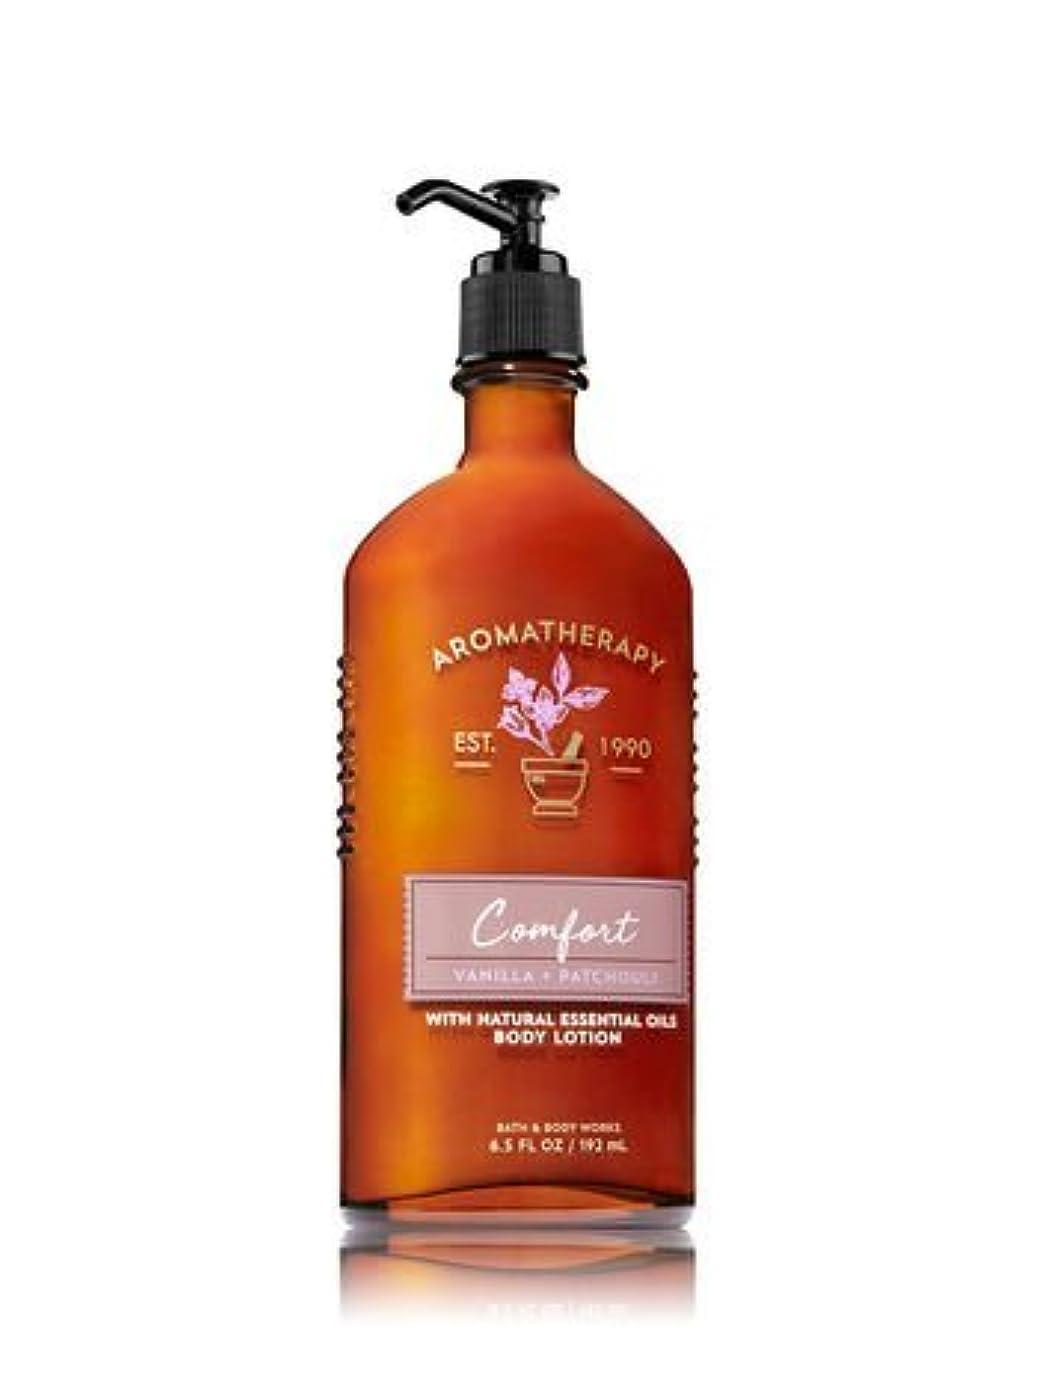 参照あいまいさ不利【Bath&Body Works/バス&ボディワークス】 ボディローション アロマセラピー コンフォート バニラパチョリ Body Lotion Aromatherapy Comfort Vanilla Patchouli...